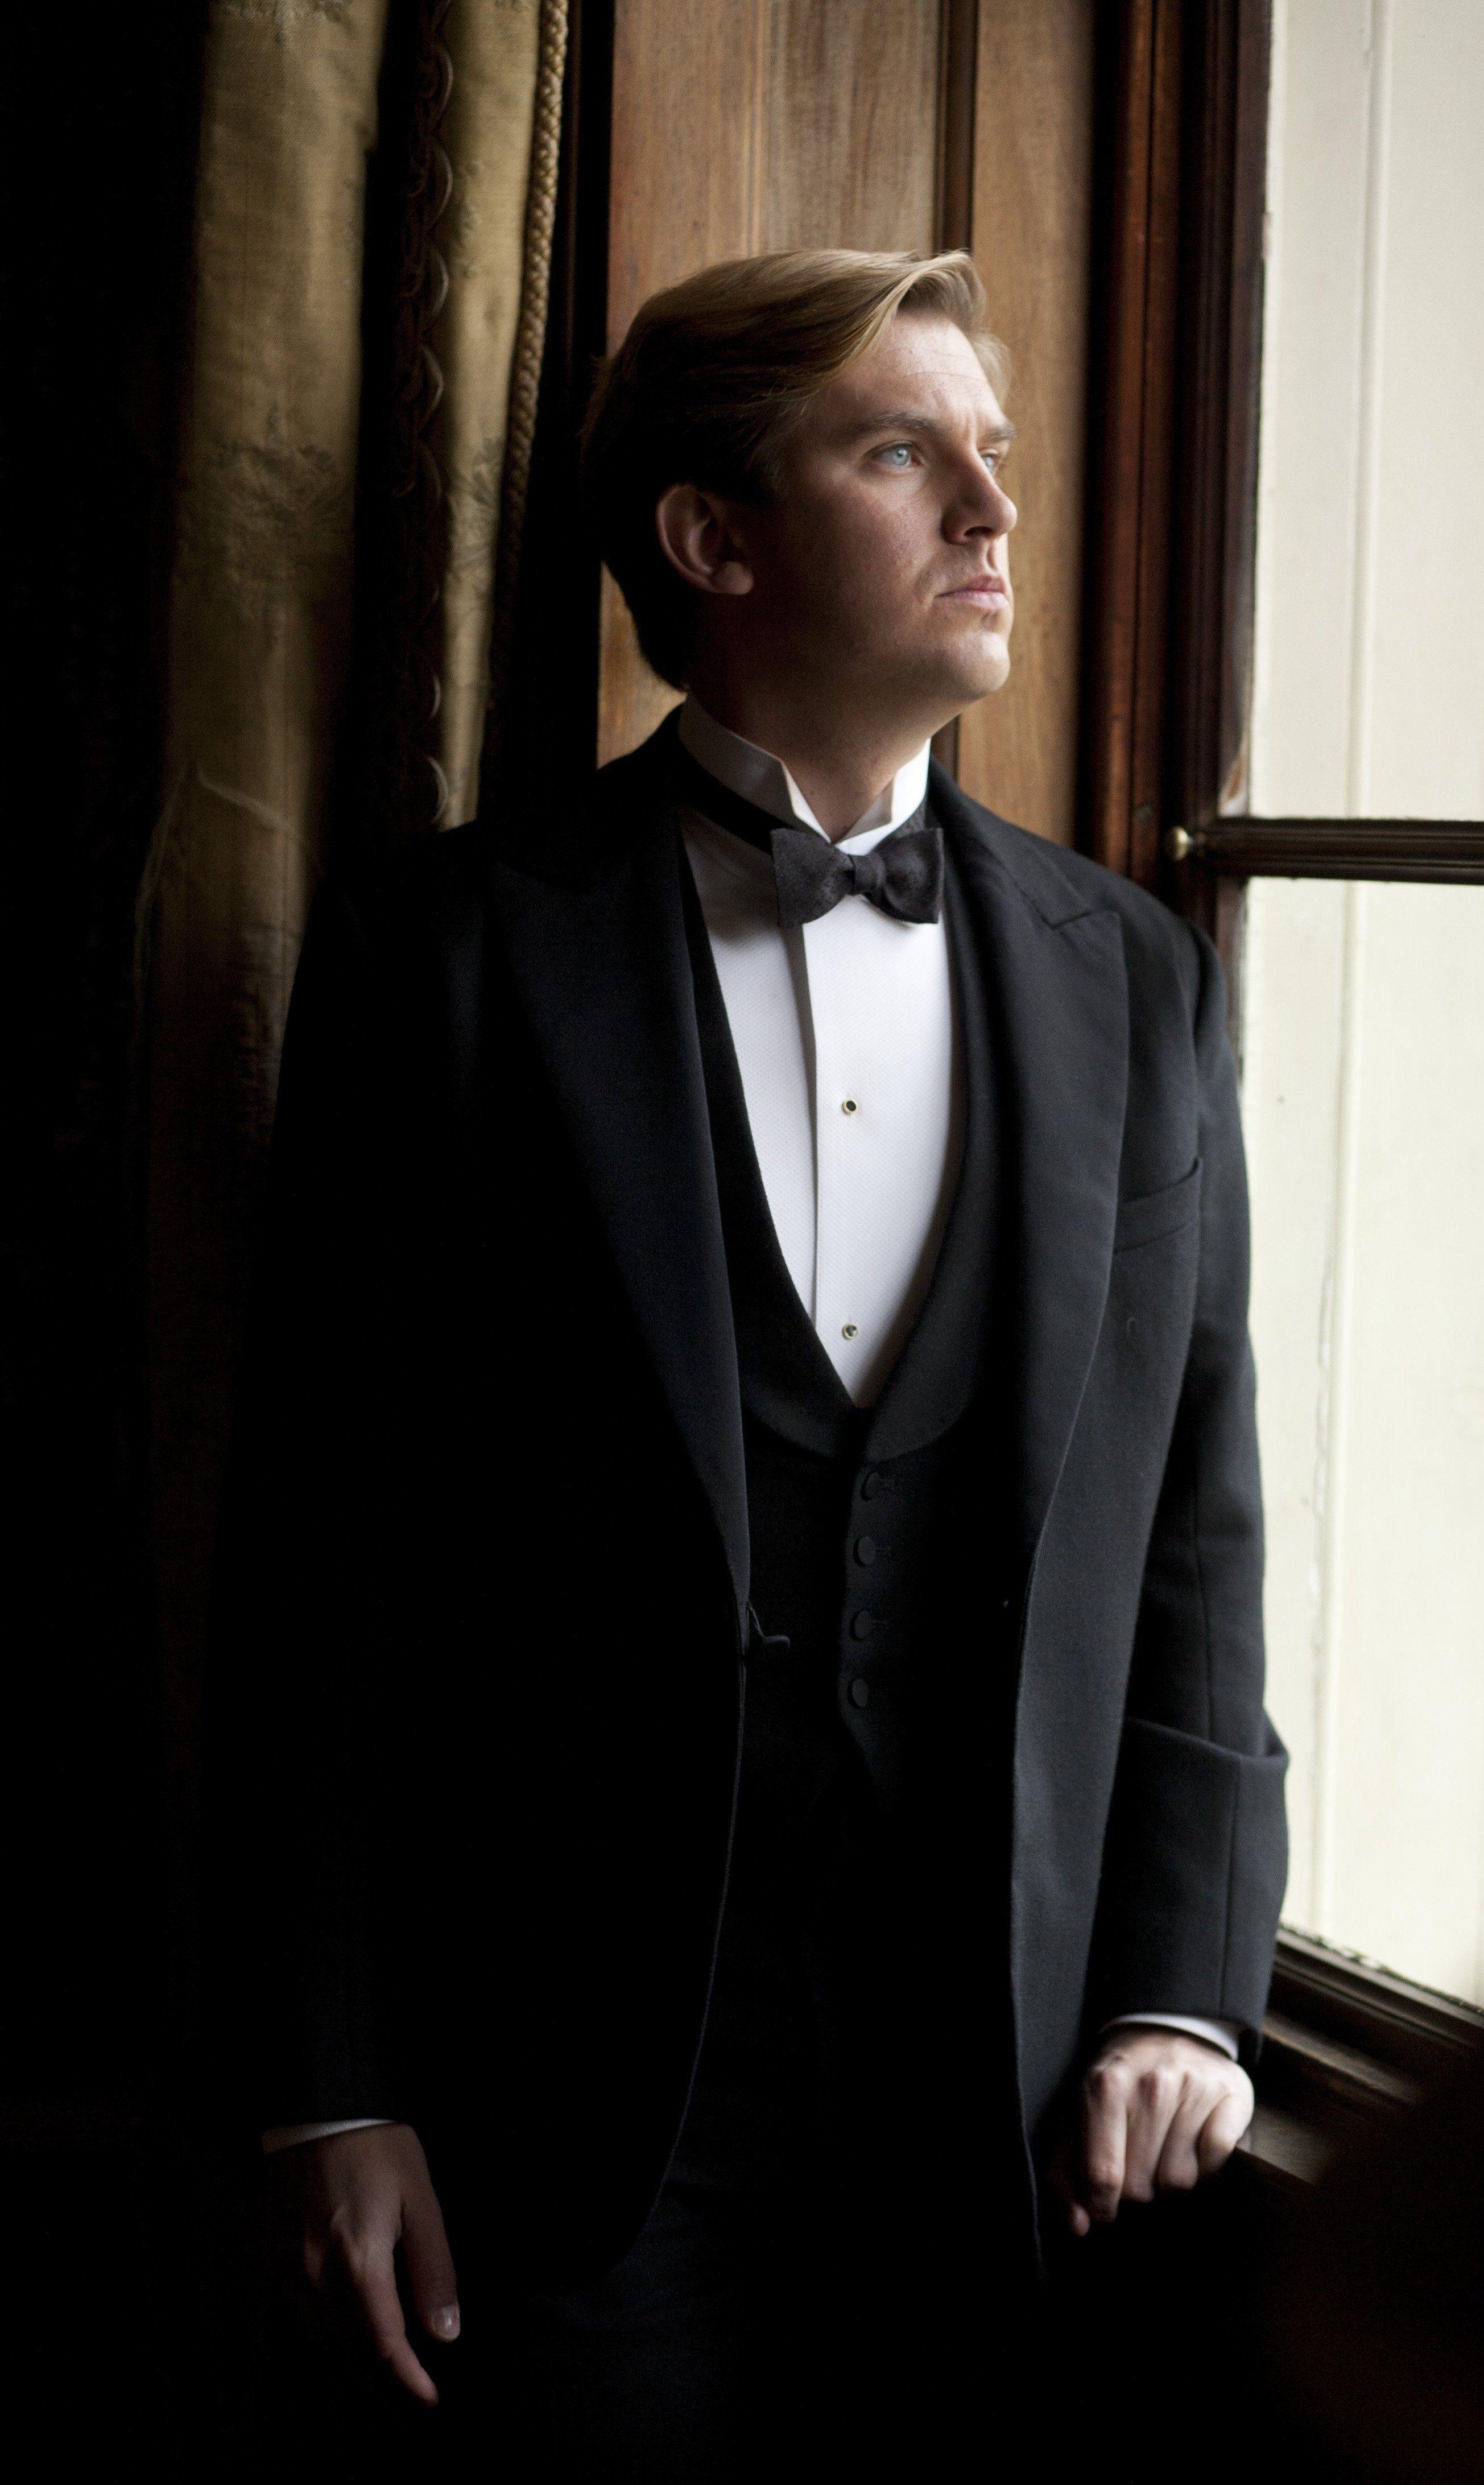 Matthew Crawley Downton Abbey Downton Abbey Downton